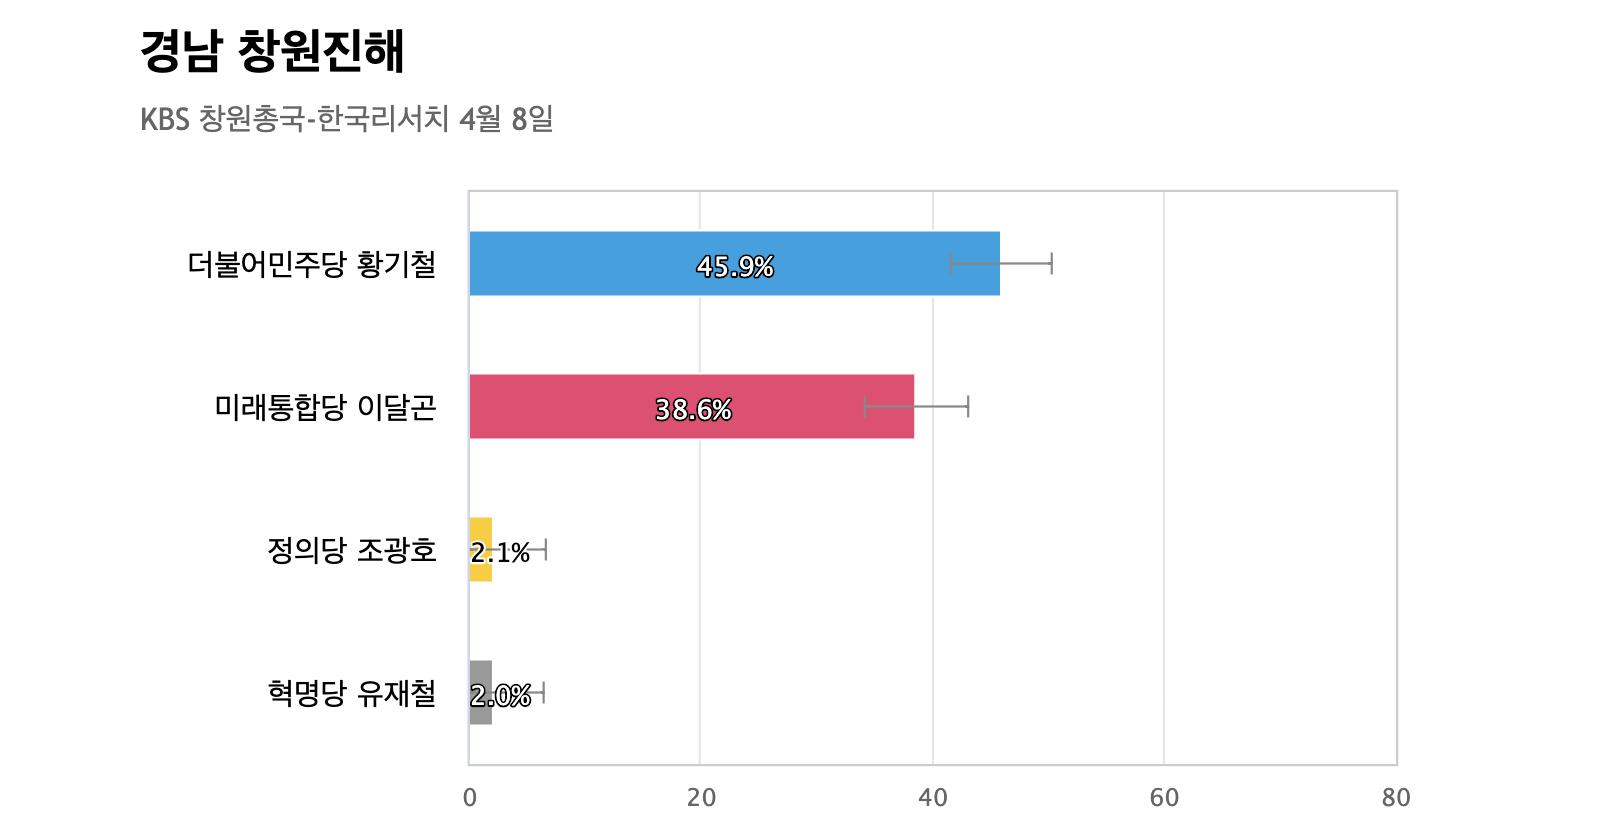 [경남 창원진해] 민주당 황기철 45.9%, 통합당 이달곤 38.6%